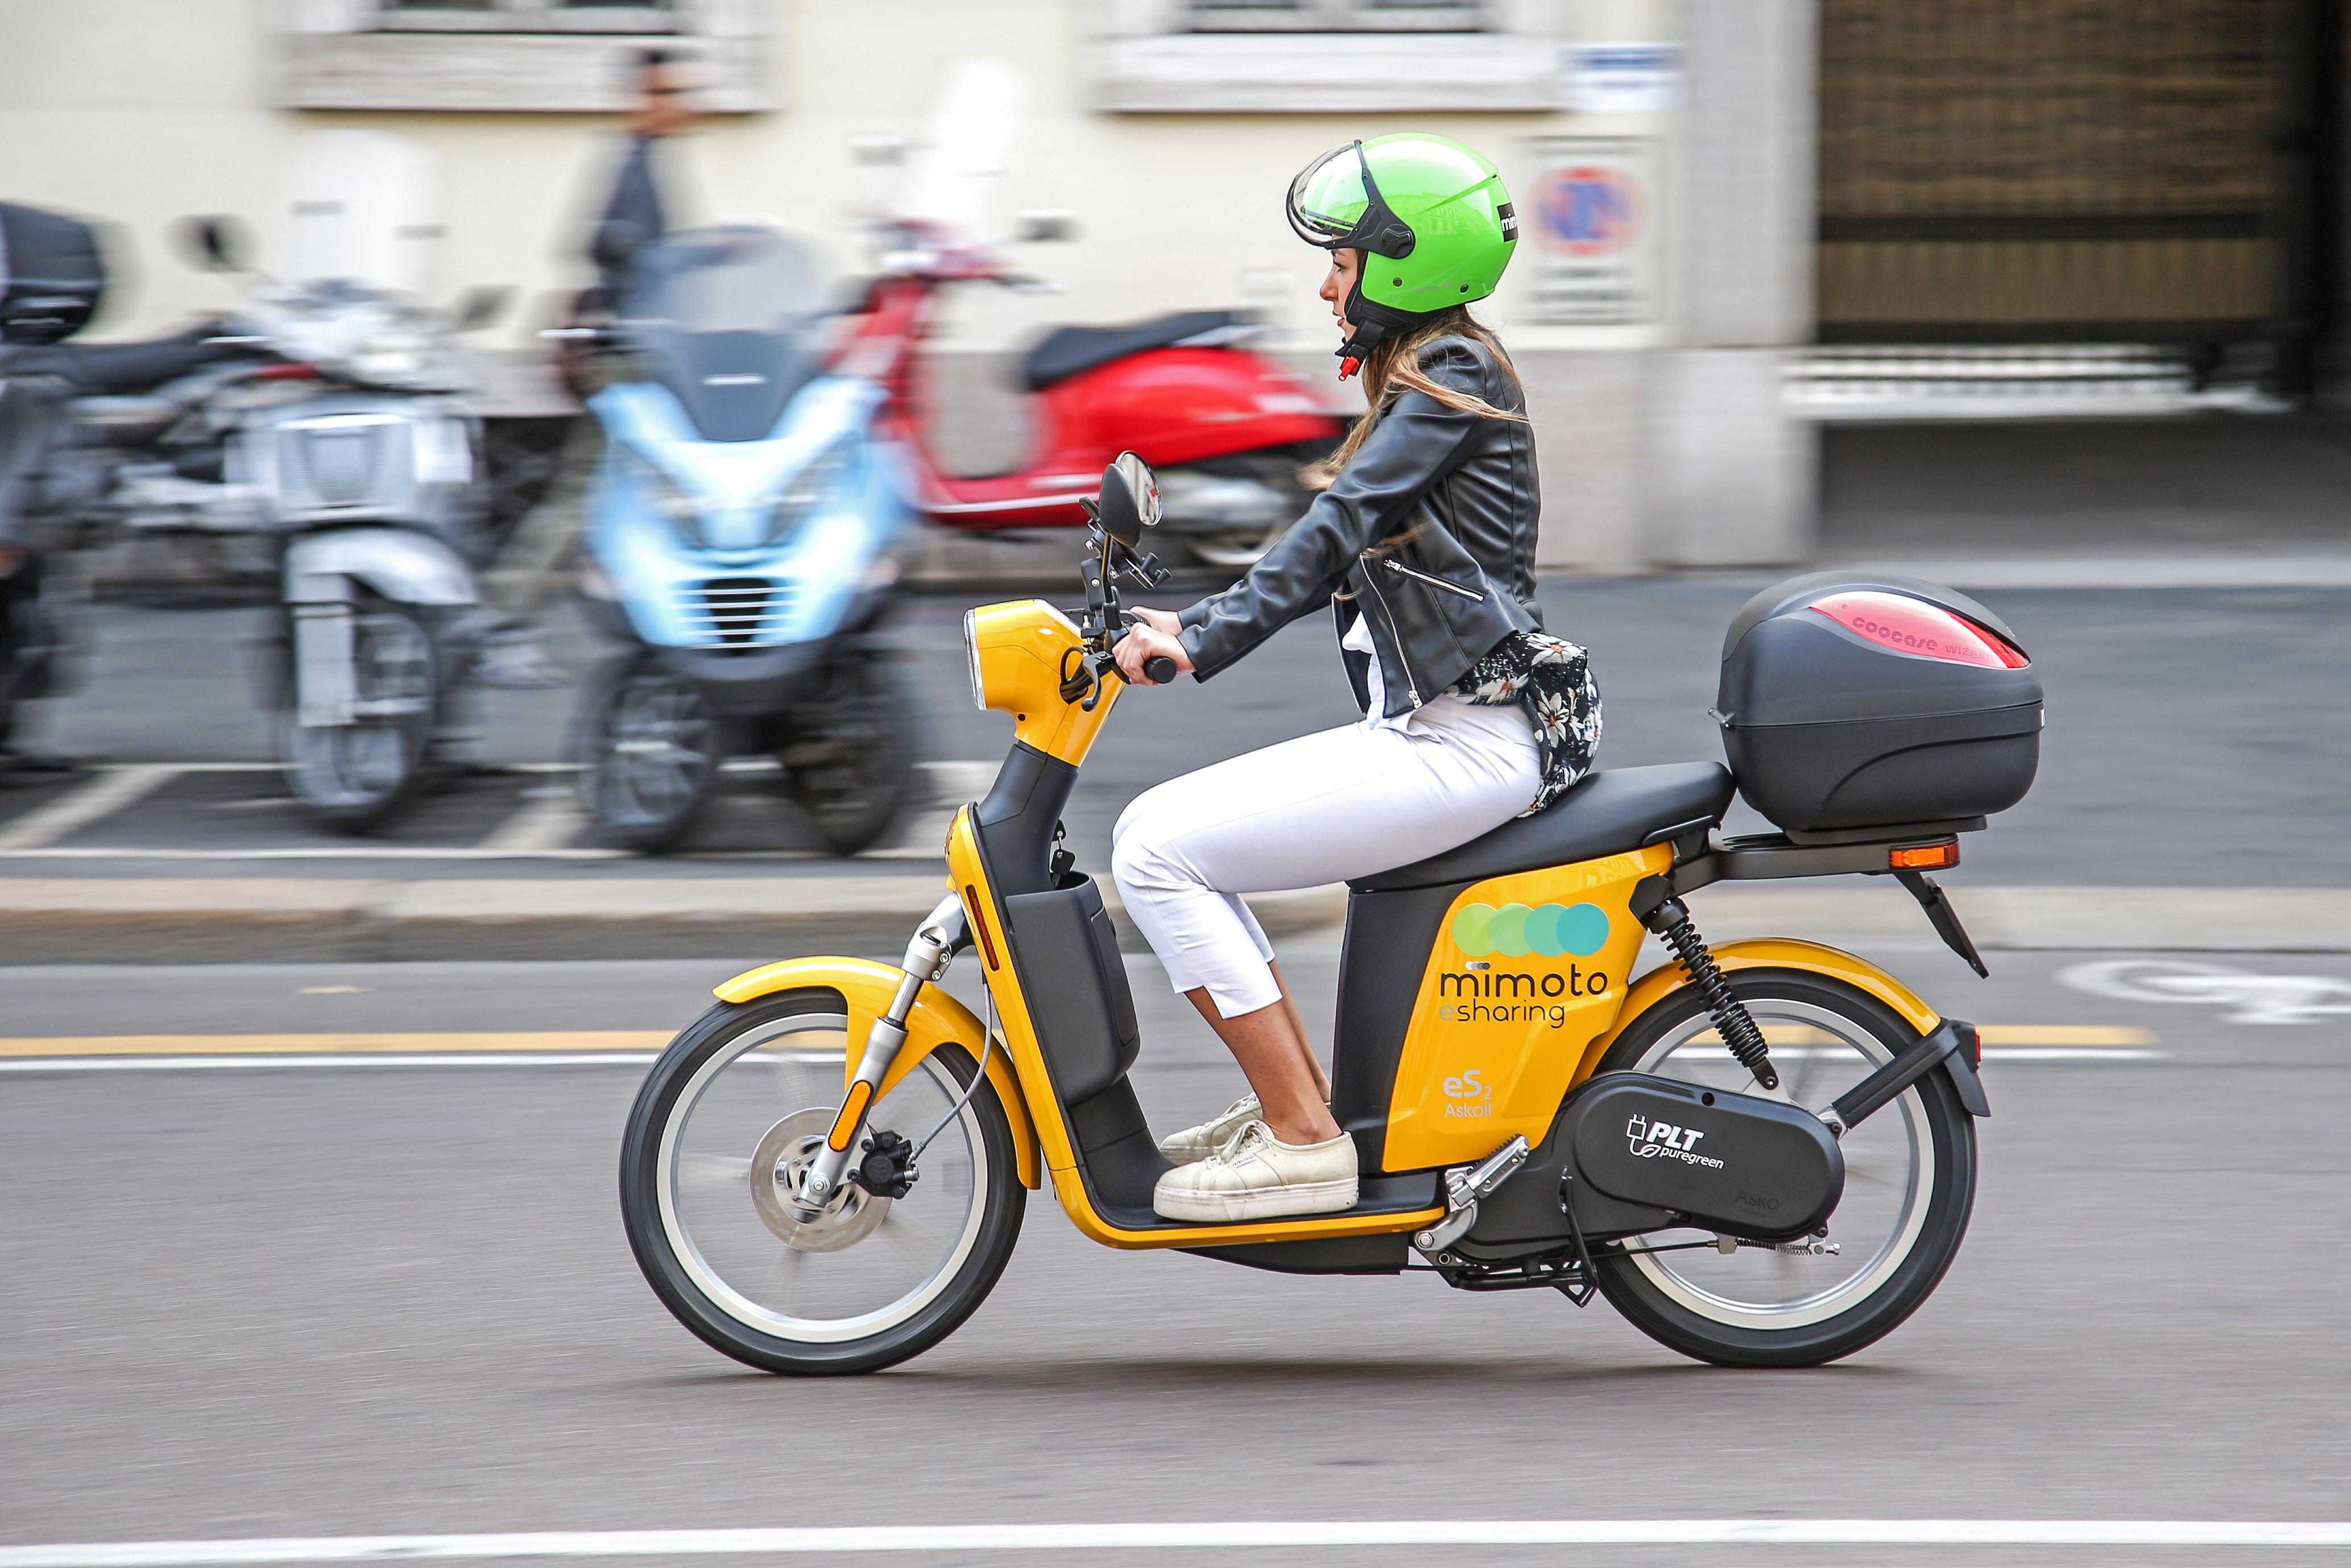 Prova in città del nuovo eScooter MIMOTO